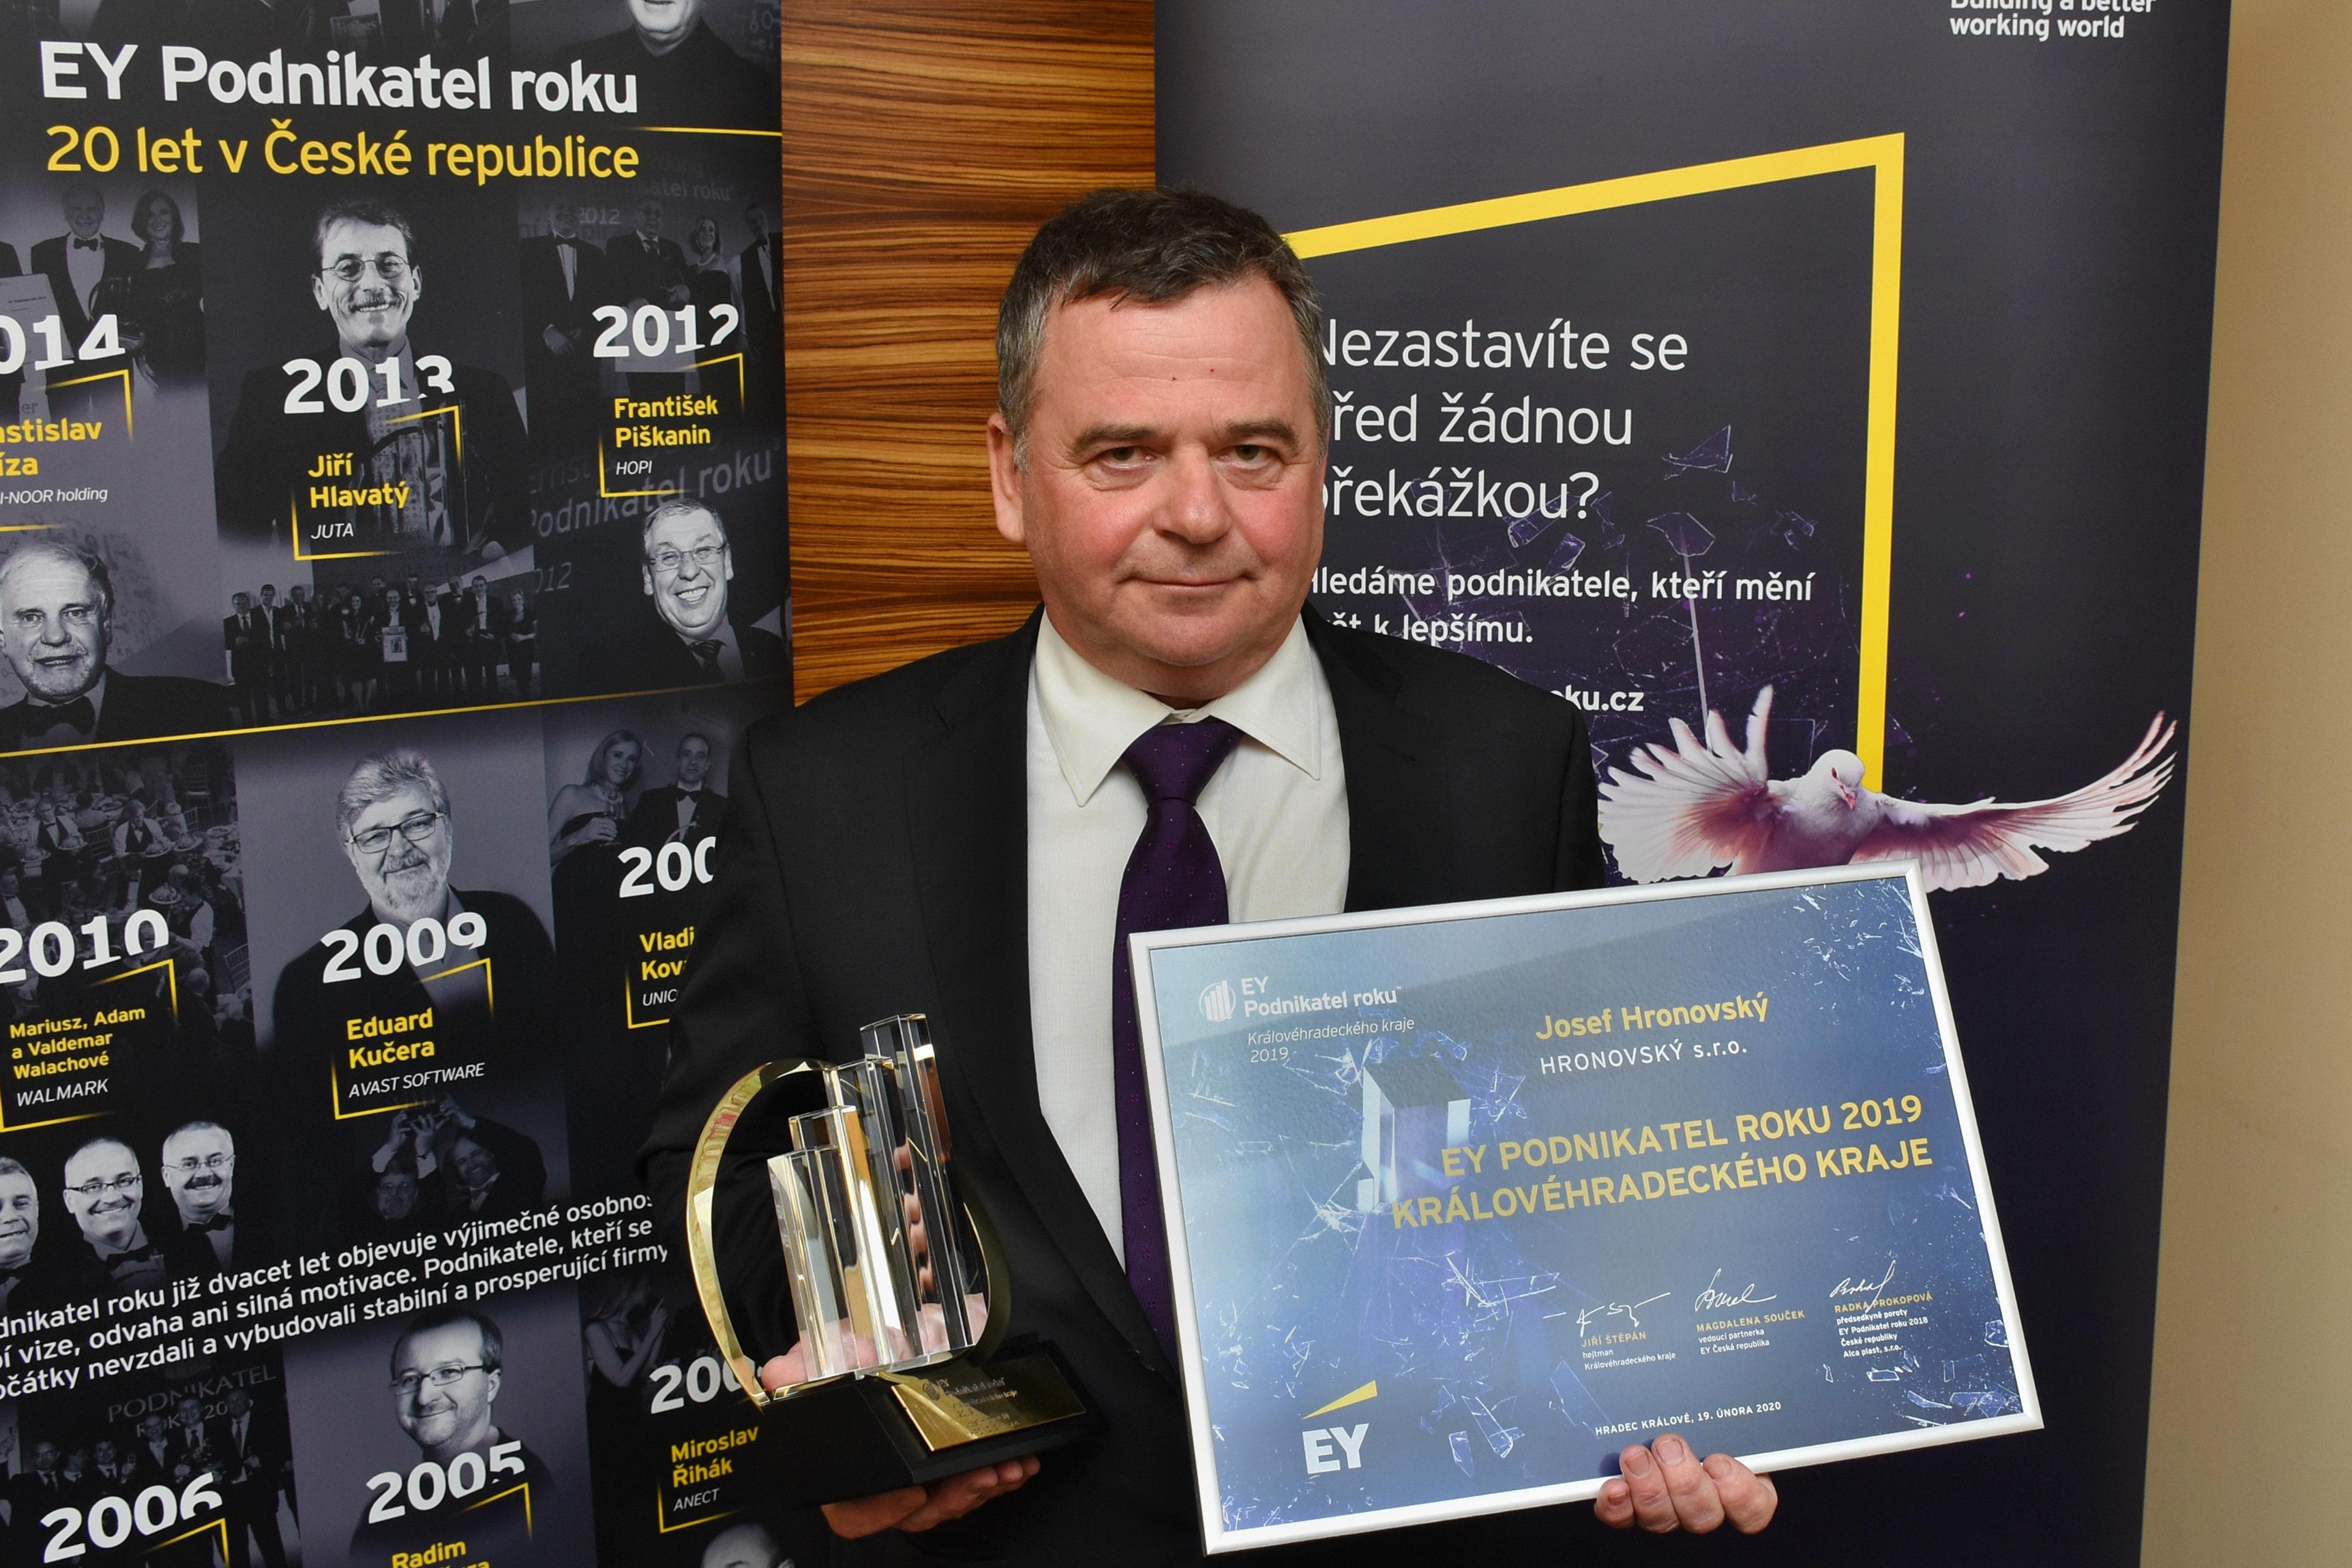 Josef Hronovský, majitel společnosti HRONOVSKÝ s.r.o., držitel titulu EY Podnikatel roku 2019 Královéhradeckého kraje